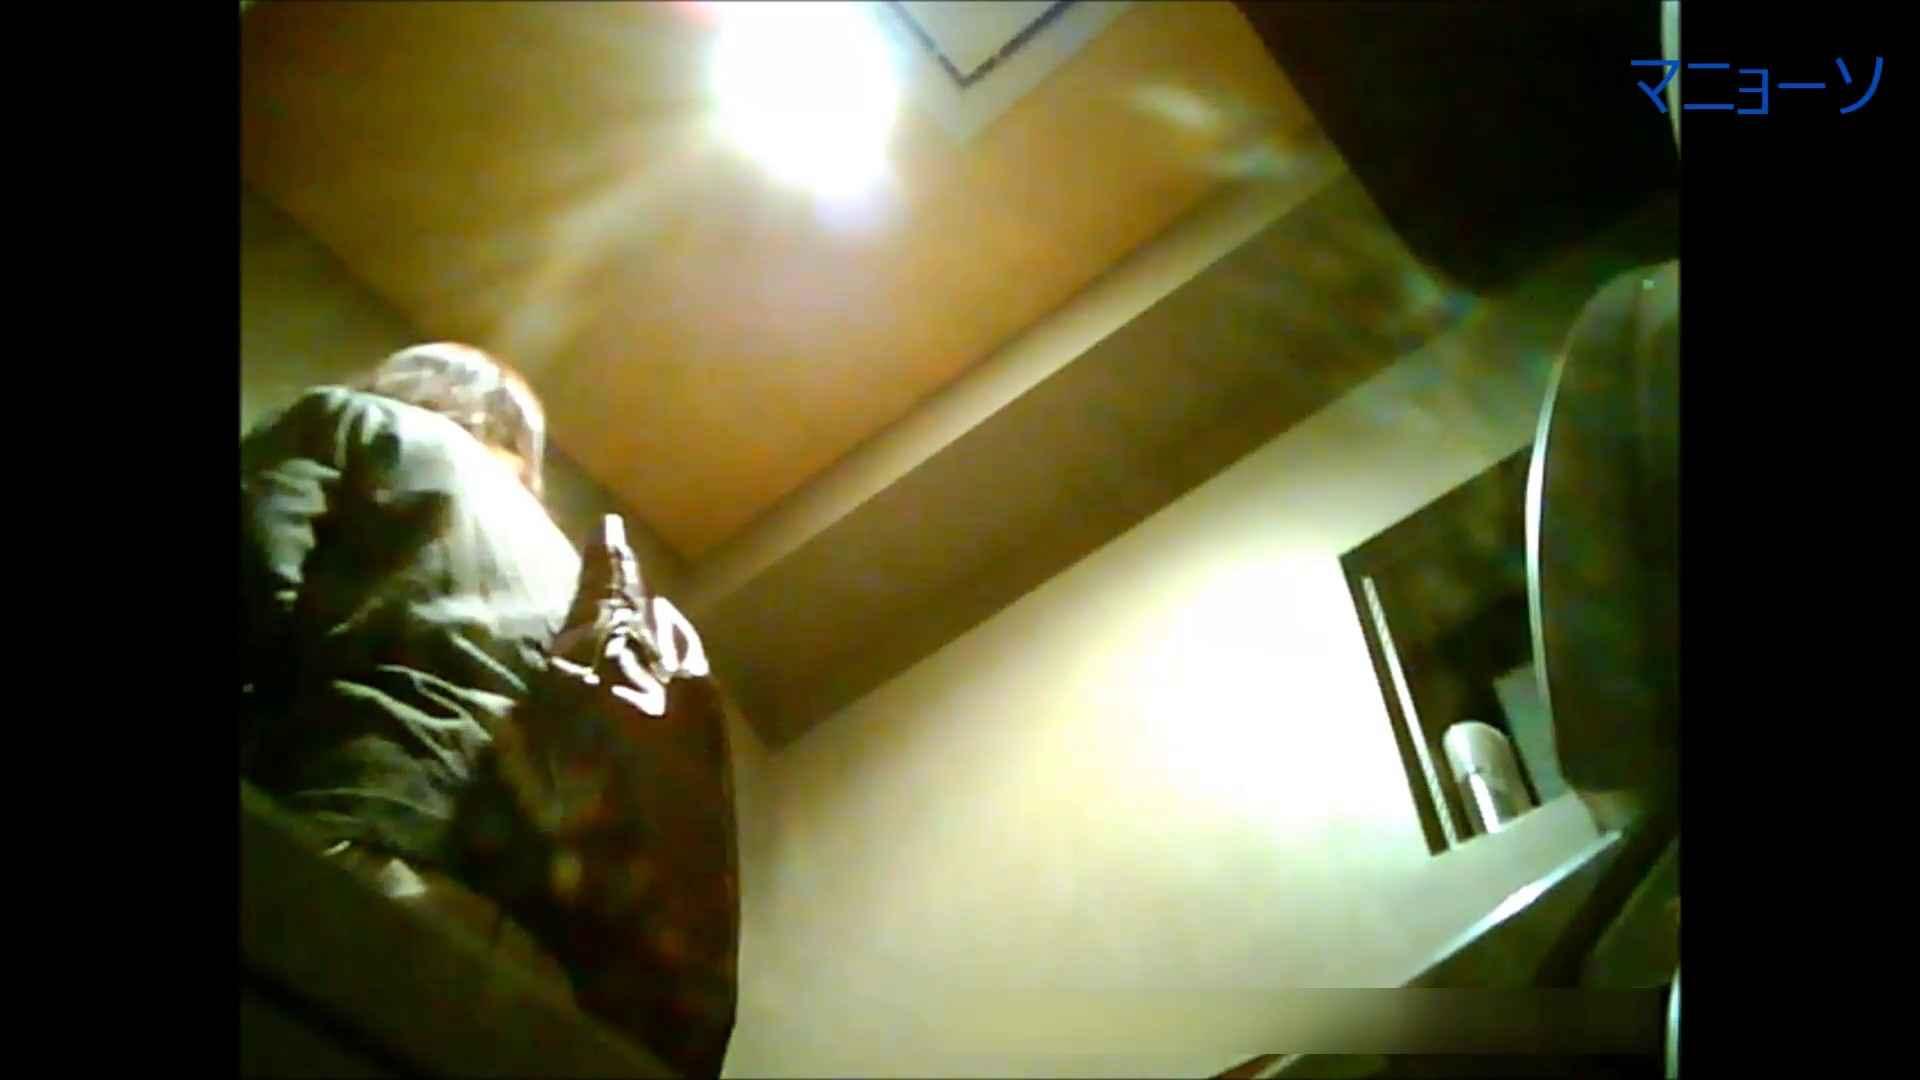 トイレでひと肌脱いでもらいました (JD編)Vol.01 OL  93pic 47